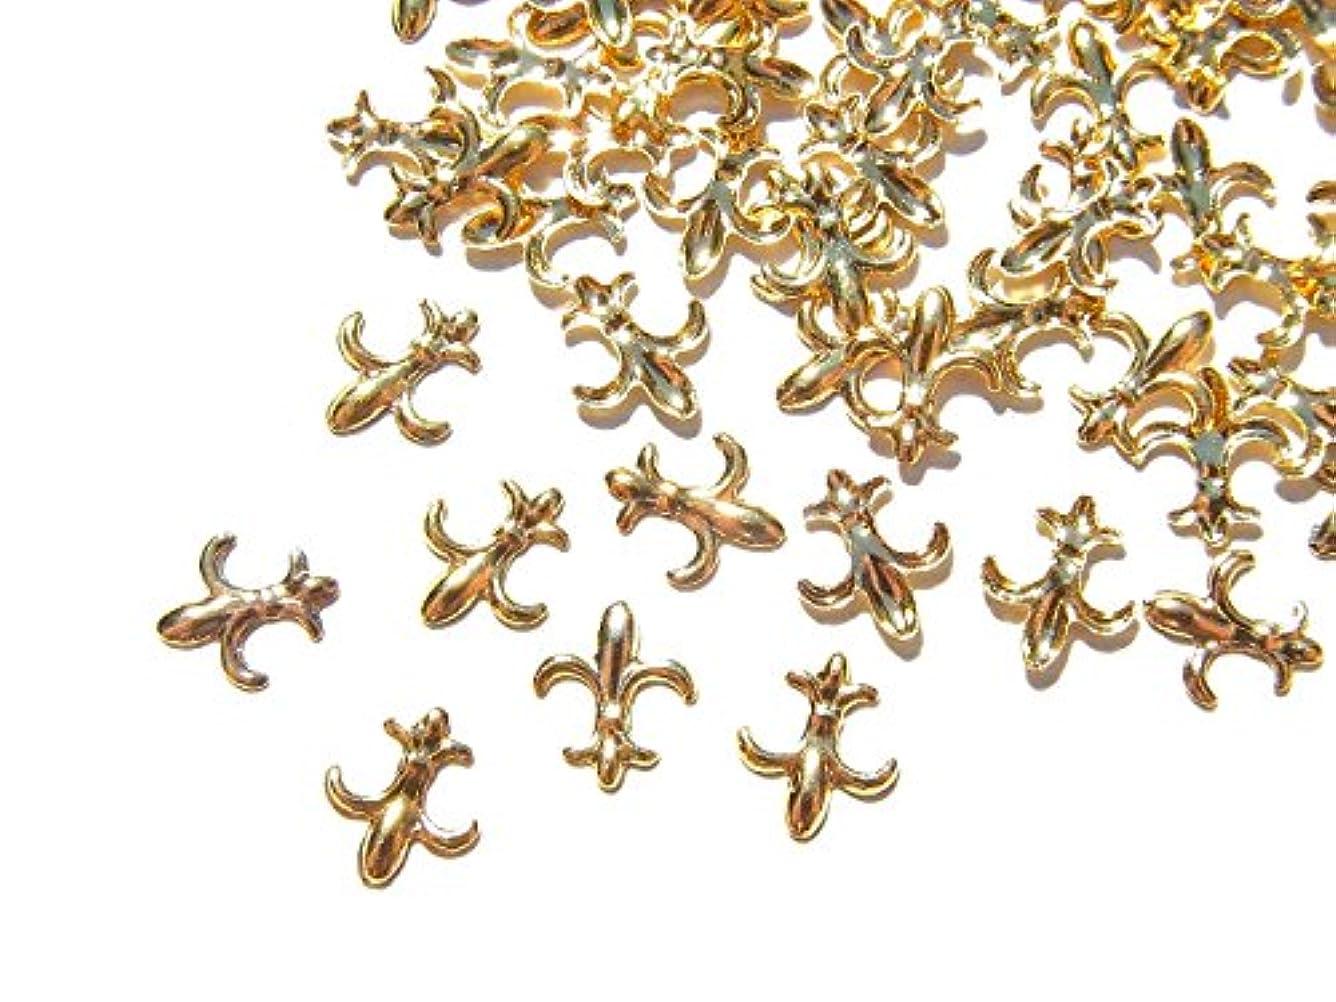 美容師聖歌連結する【jewel】ゴールド メタルパーツ フレア 10個入り 6mm×5mm 手芸 材料 レジン ネイルアート パーツ 素材